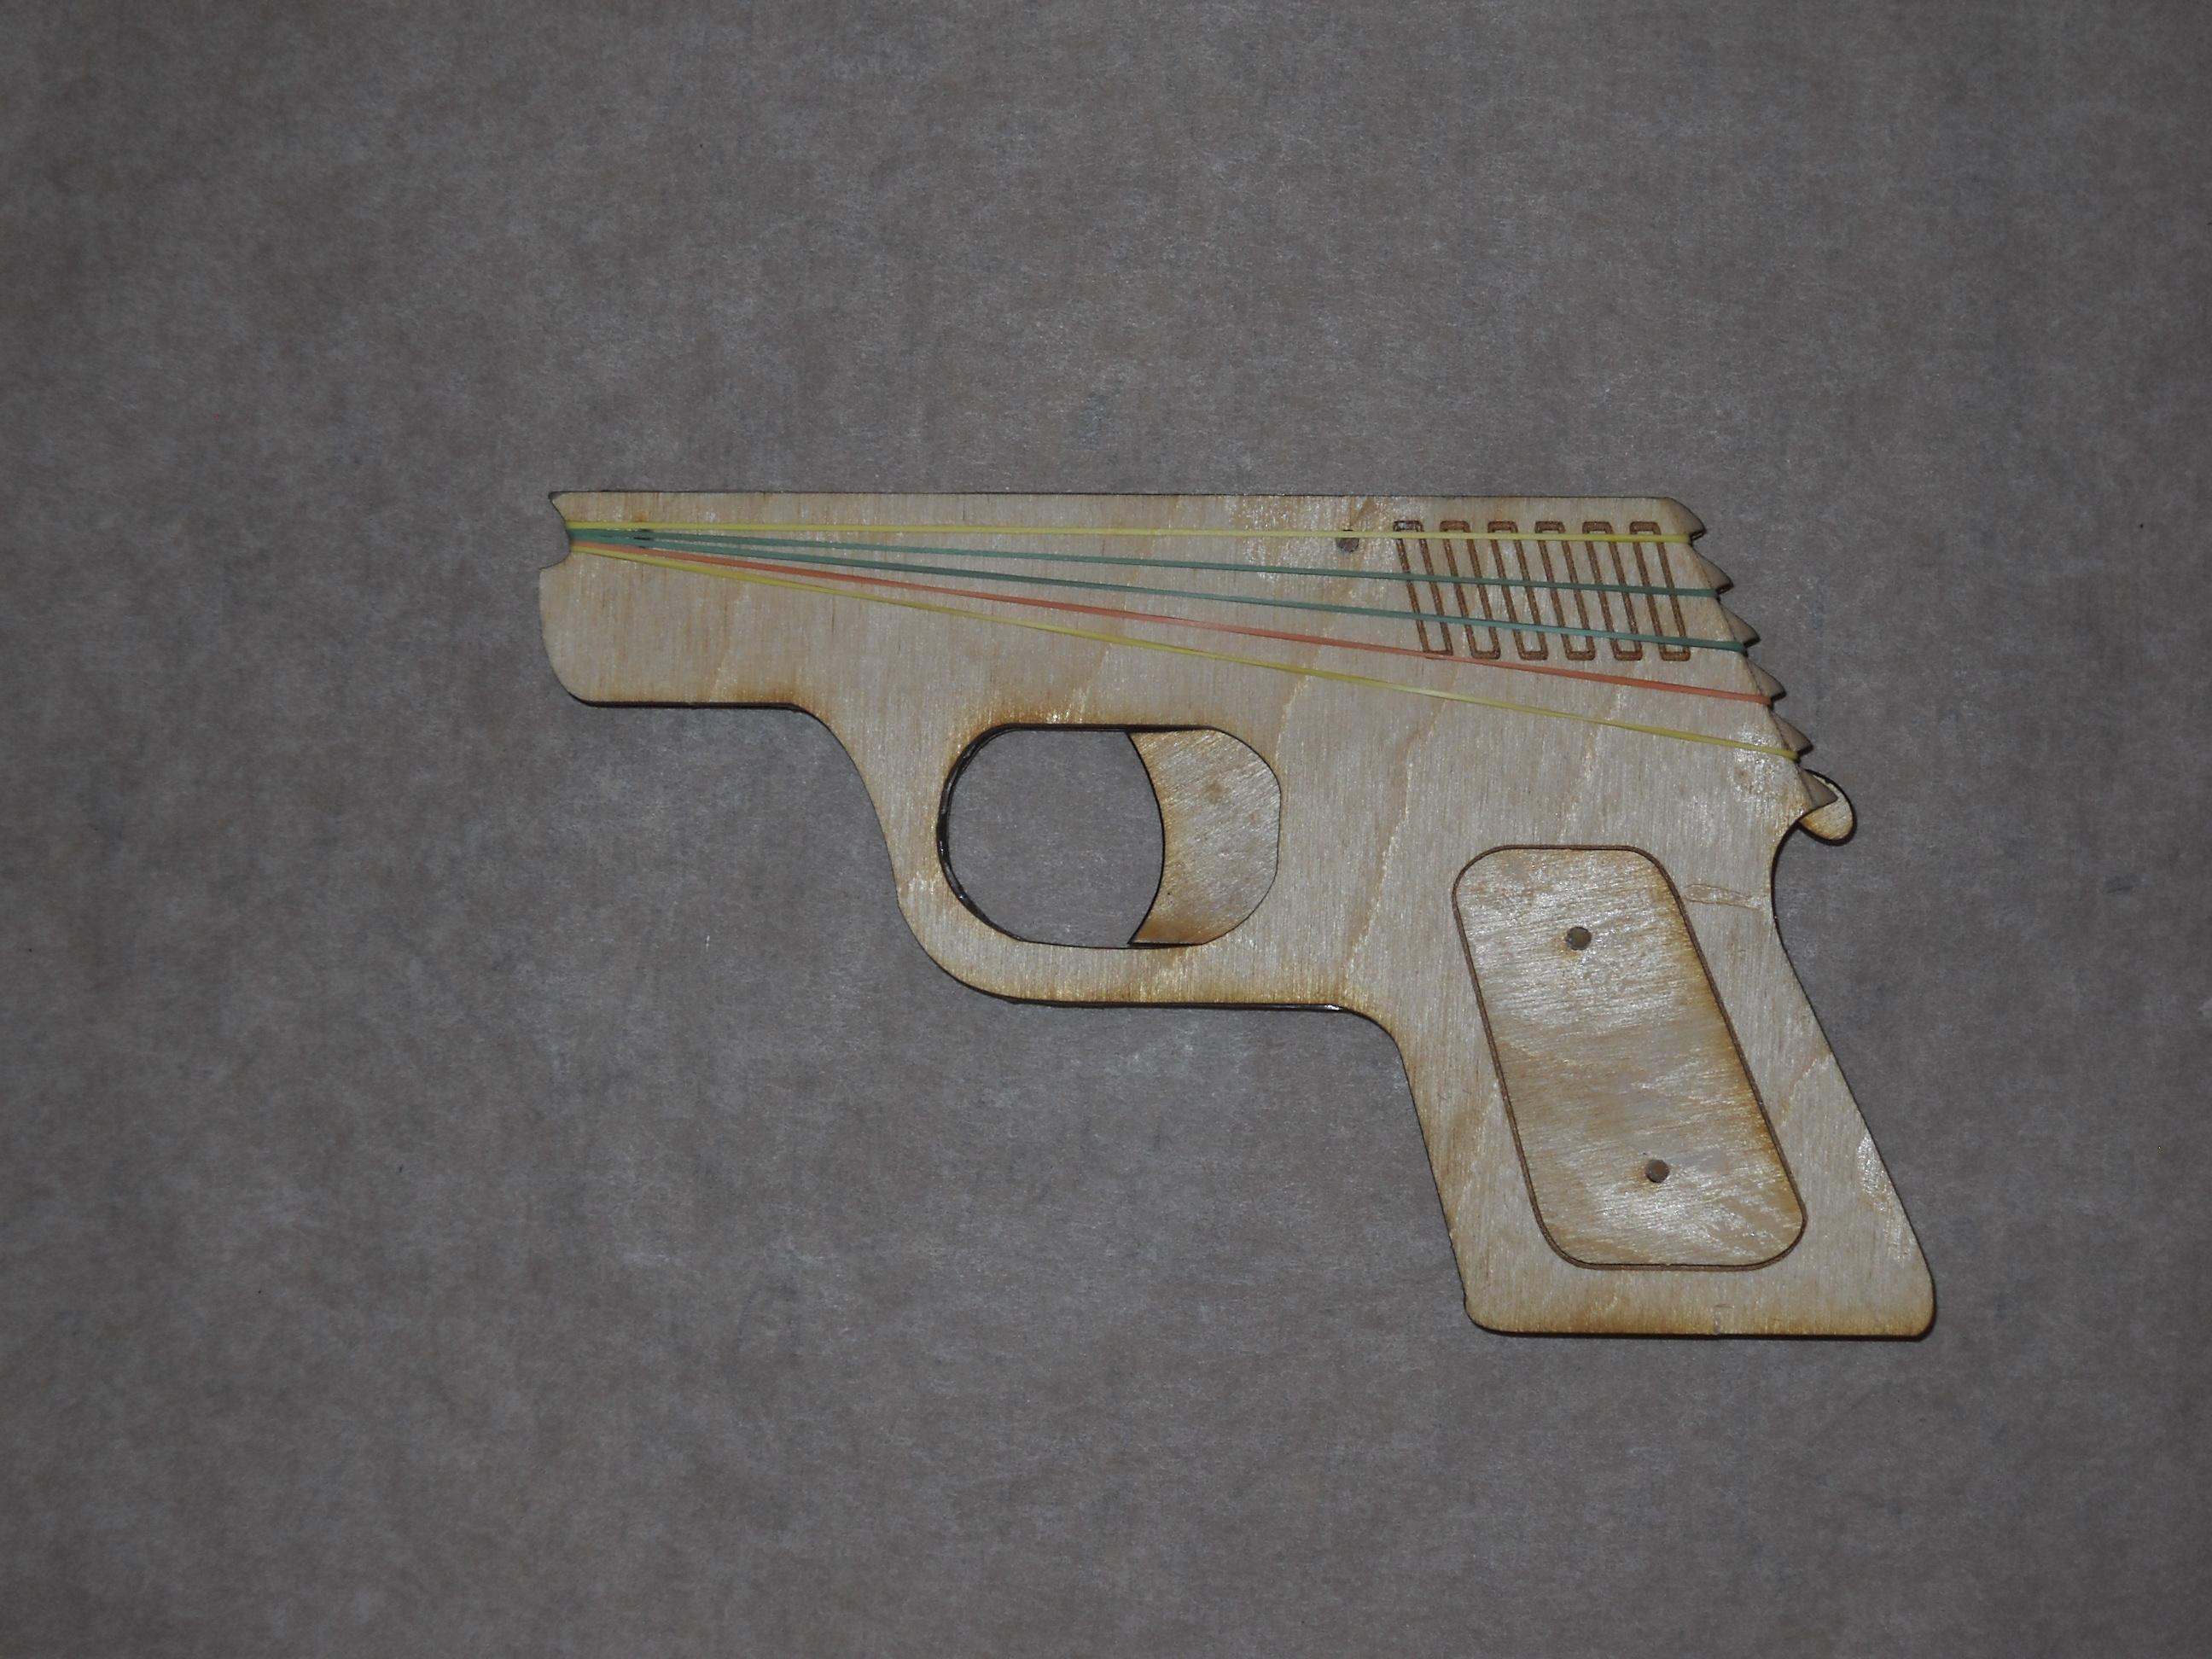 Picture of Semi-Automatic Rubber Band Gun